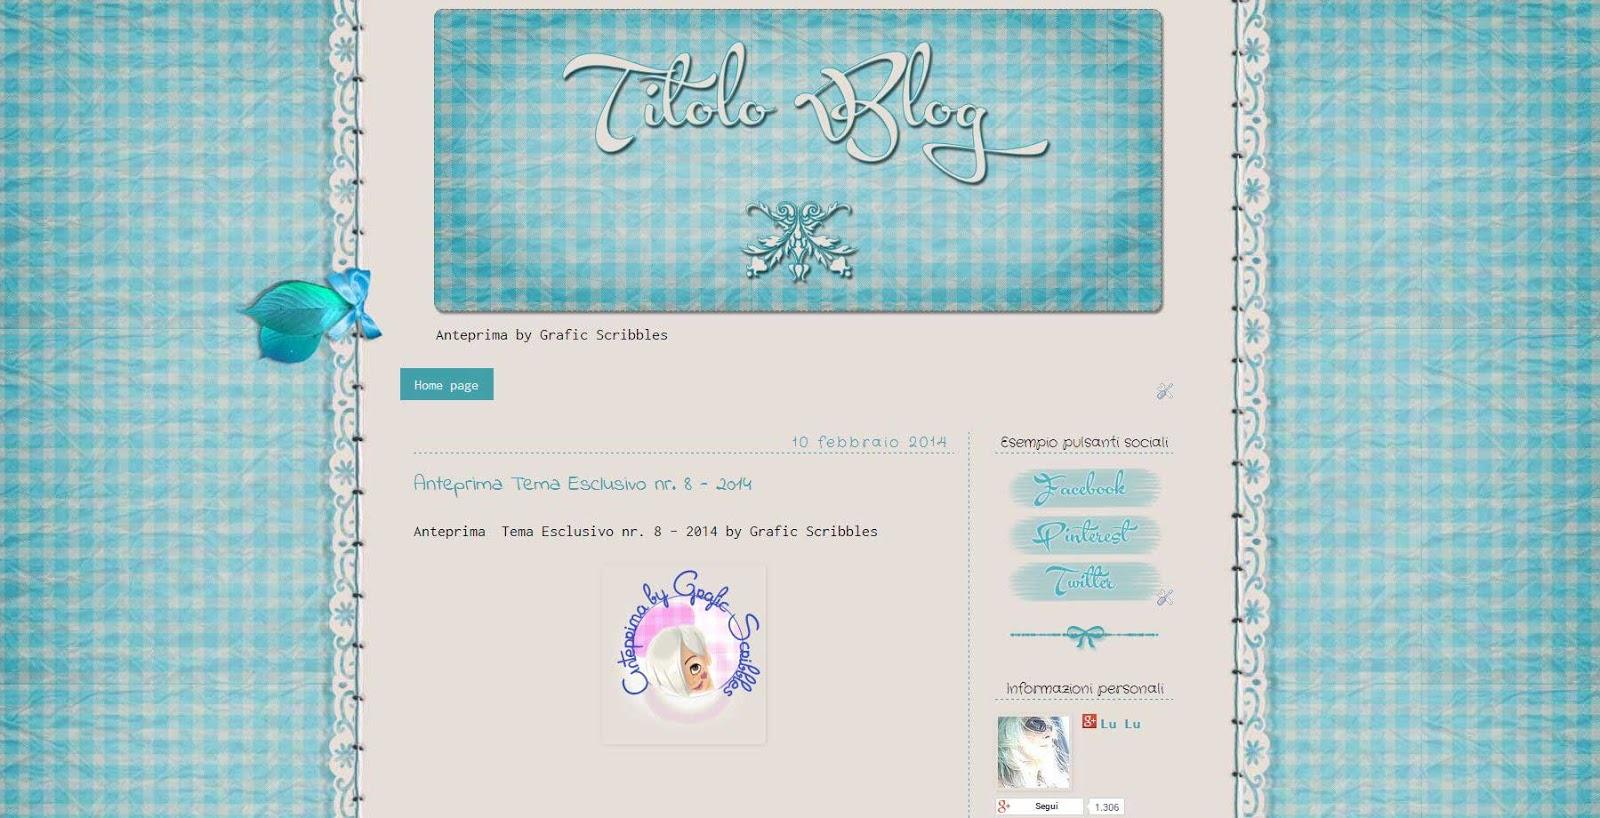 Grafica per il blog